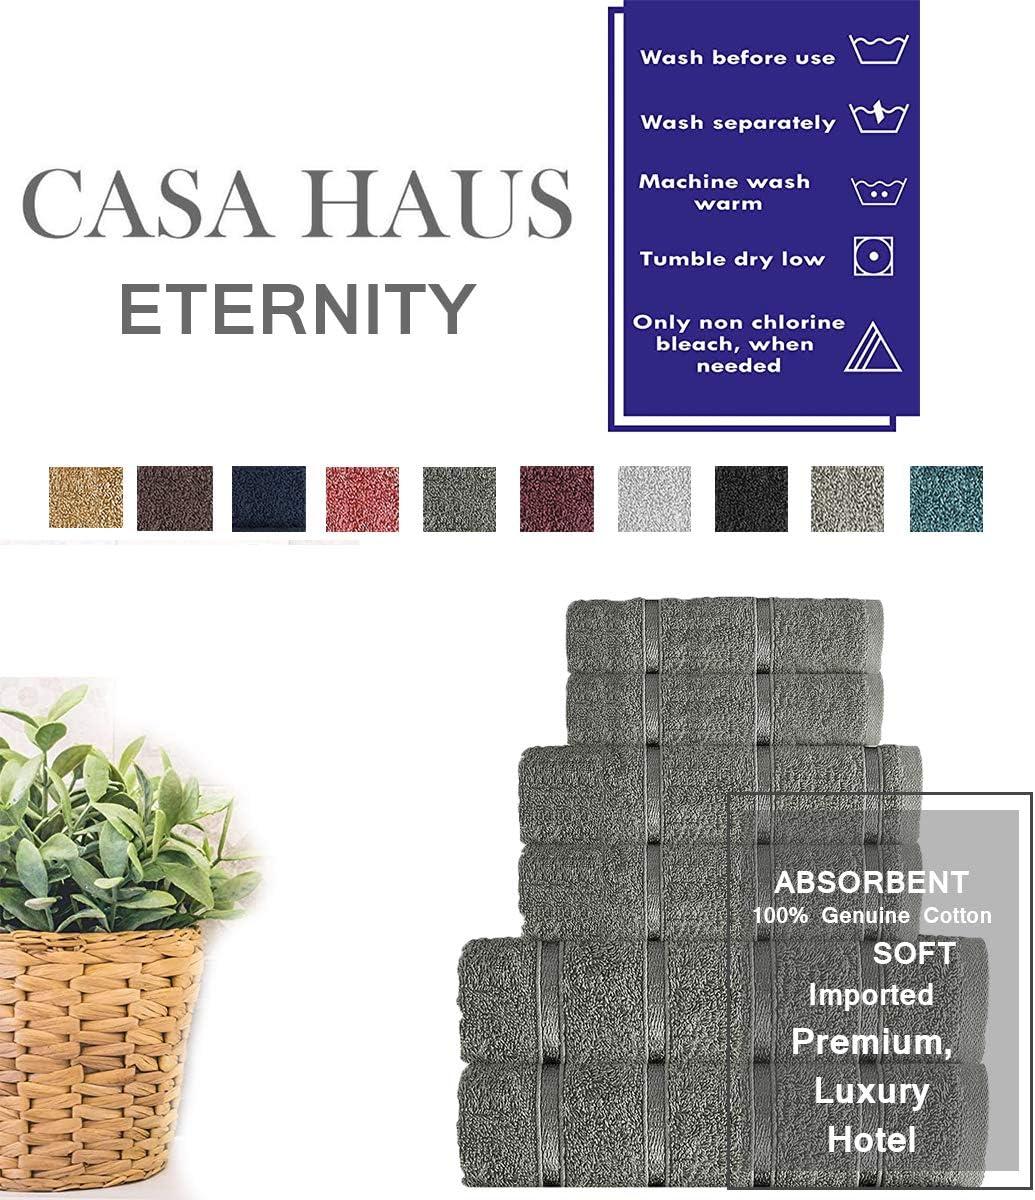 Beige Casa Haus Eternity Coton Air Twist de qualit/é sup/érieure 600 GSM Ensemble de 6 Serviettes /à Main